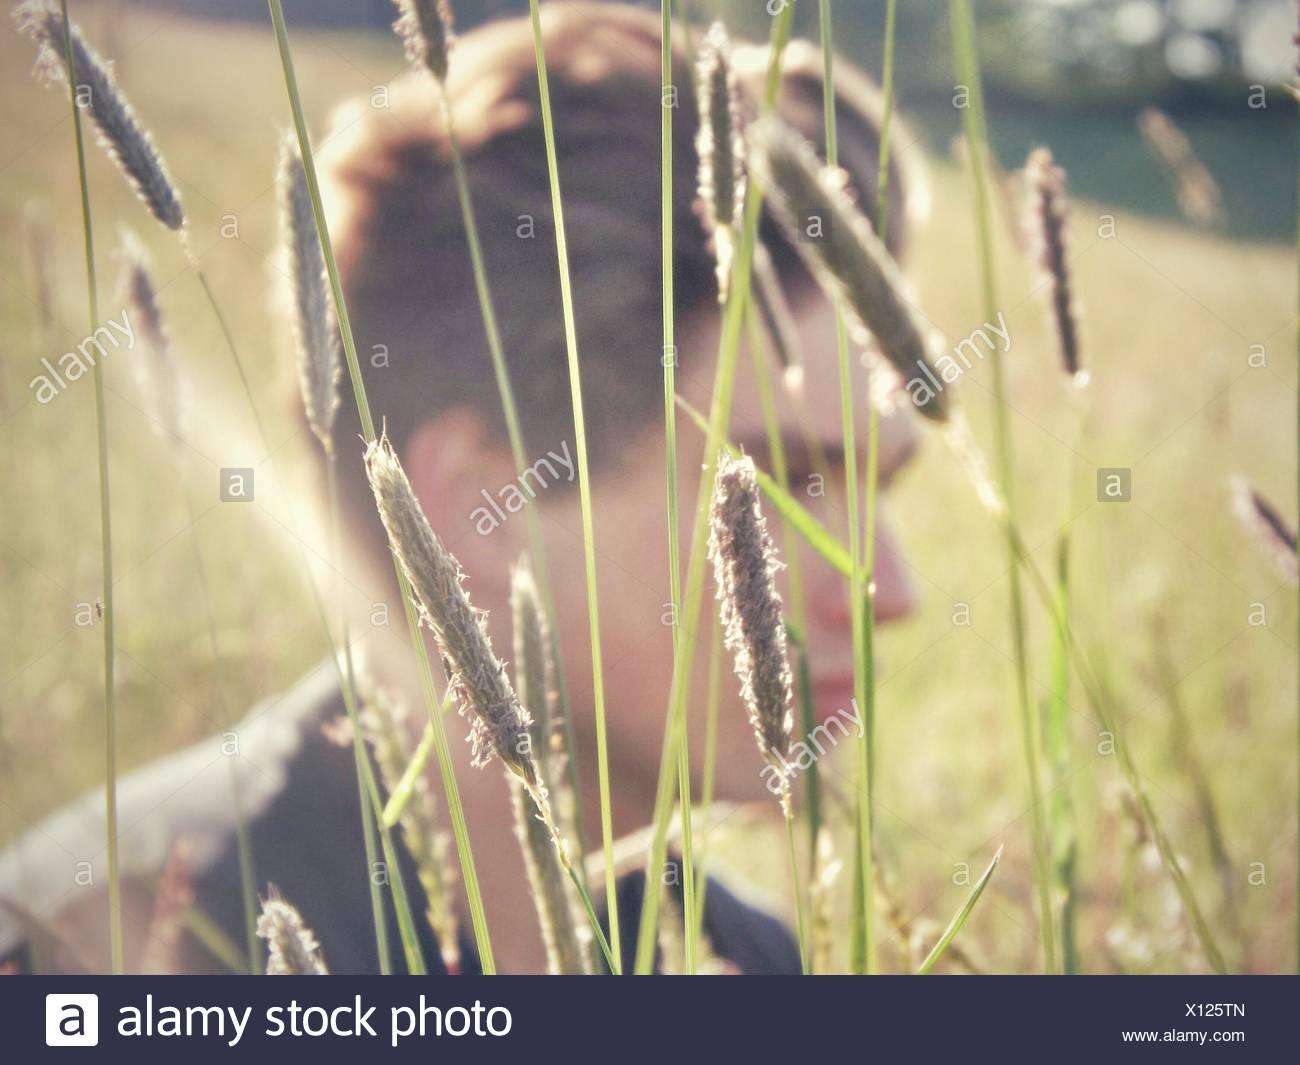 Close-Up Vue latérale d'un jeune homme à l'écart avec les plantes en premier plan Photo Stock